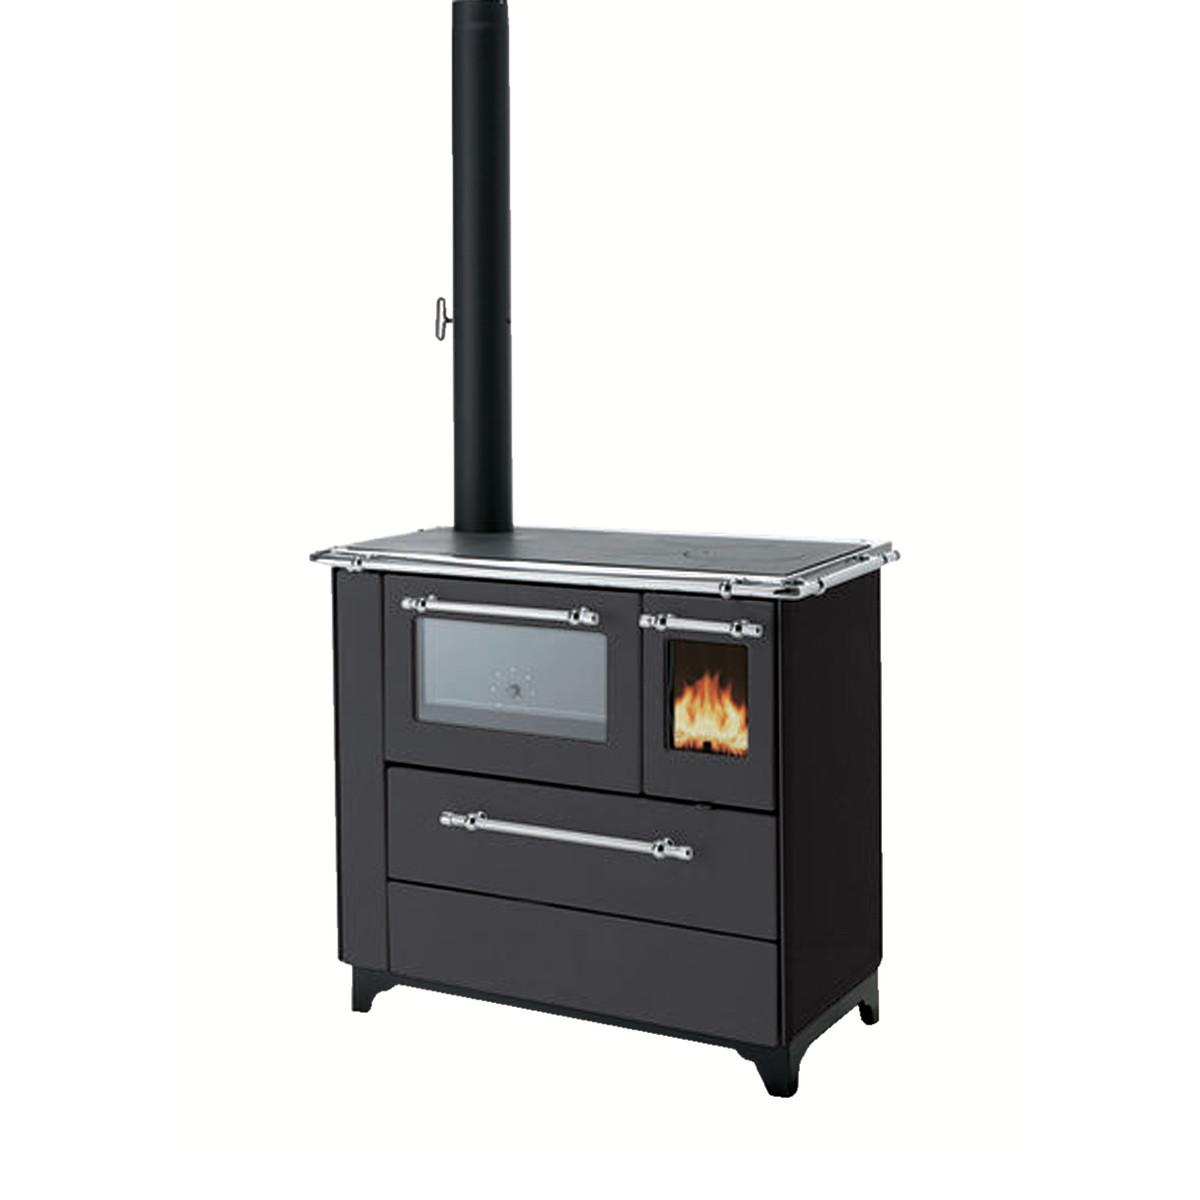 Termocucina cucina a legna palazzetti alba idro prezzo e - Cucine a pellet prezzi ...